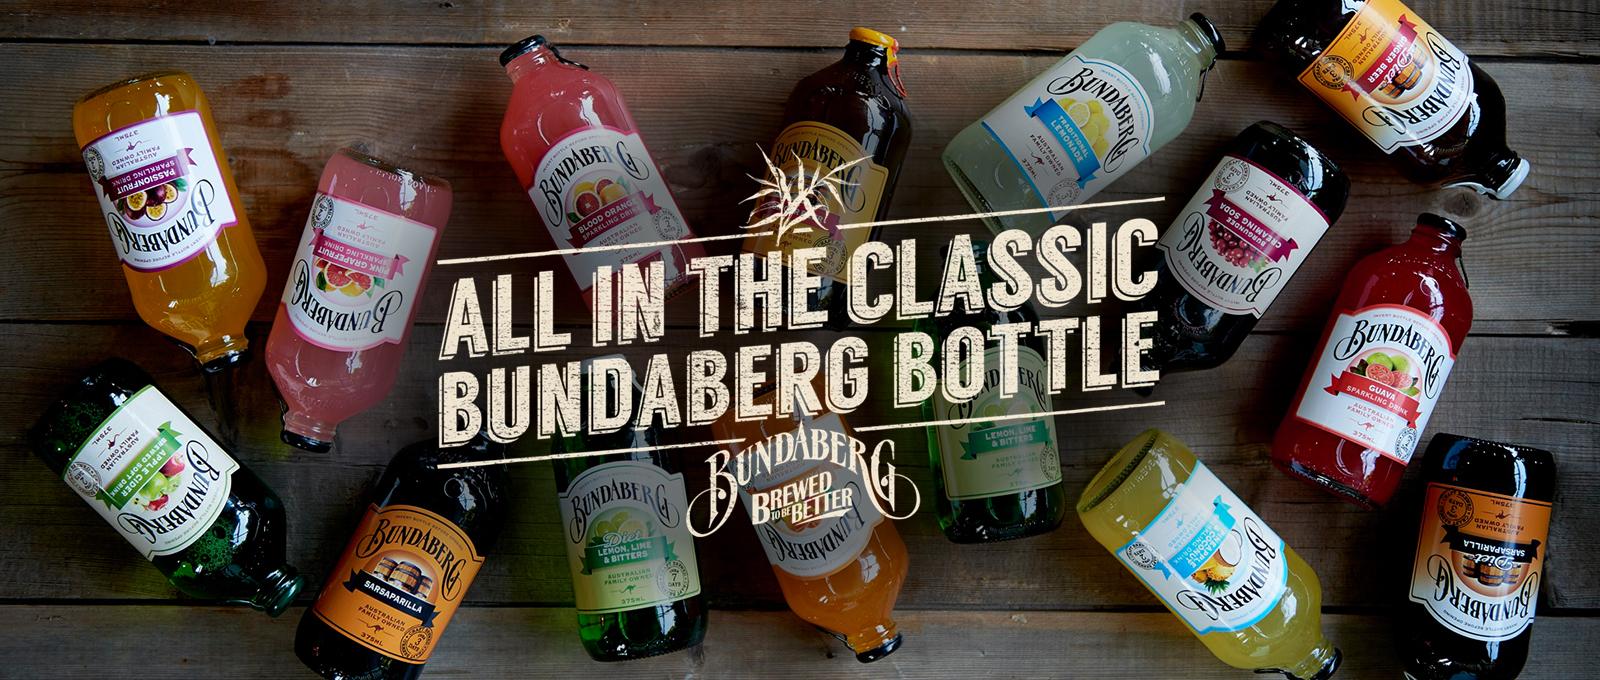 Classic Bottle Launch